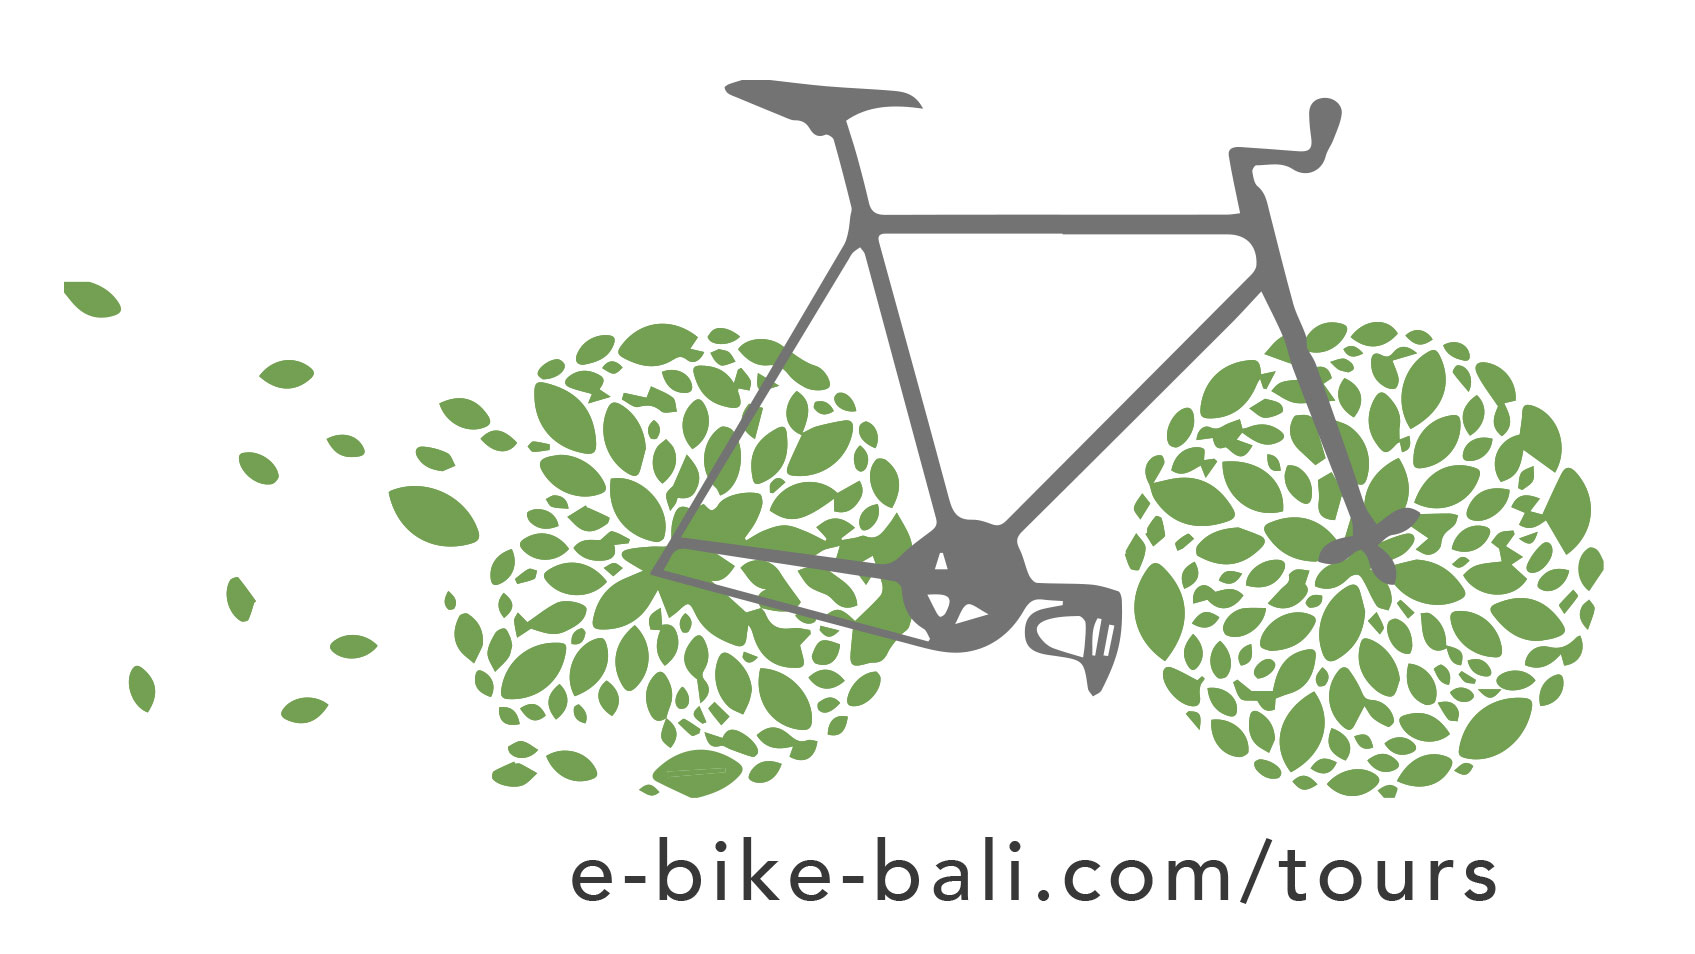 e-bike-bali-logo-copy.jpg